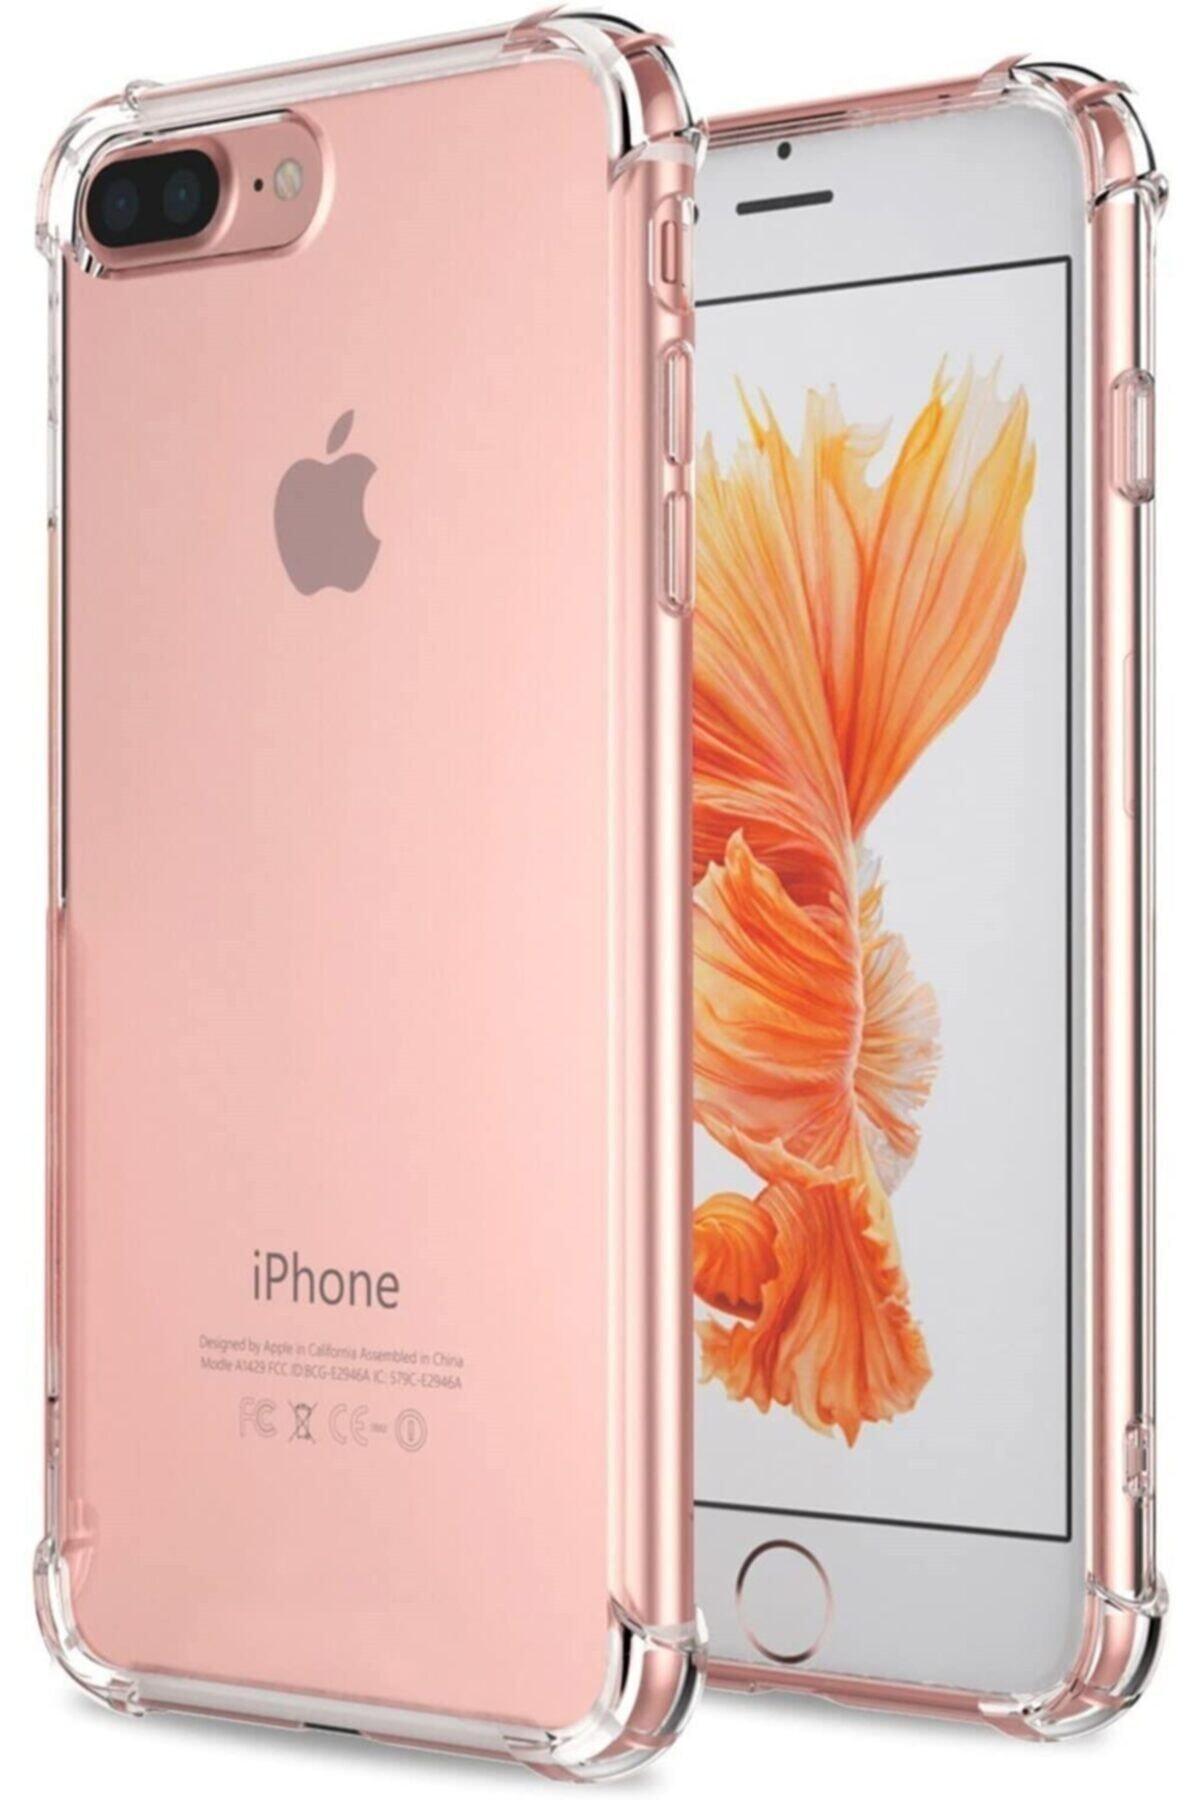 Teknoçeri Iphone 7 Plus / 8 Plus Şok Darbe Emici Şeffaf Silikon Kılıf 1